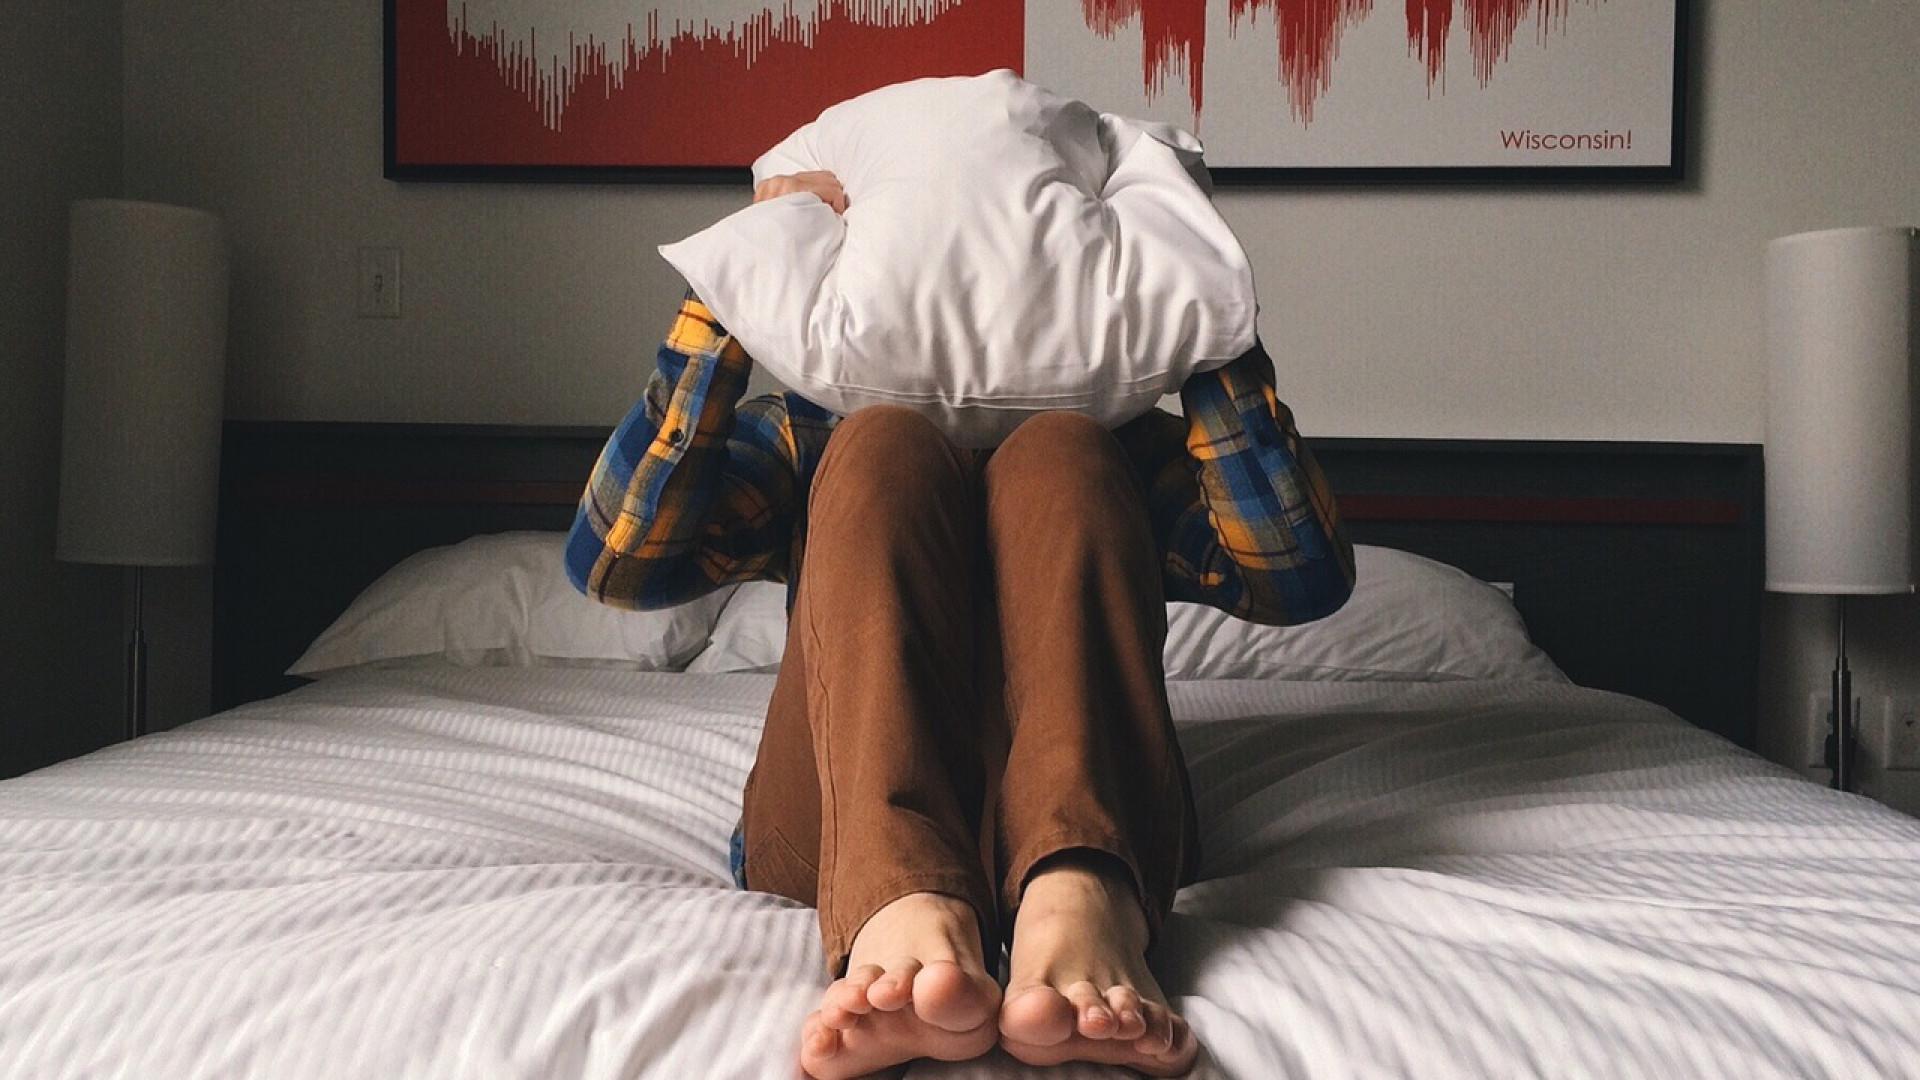 Choisissez la literie adéquate pour retrouver un sommeil de qualité